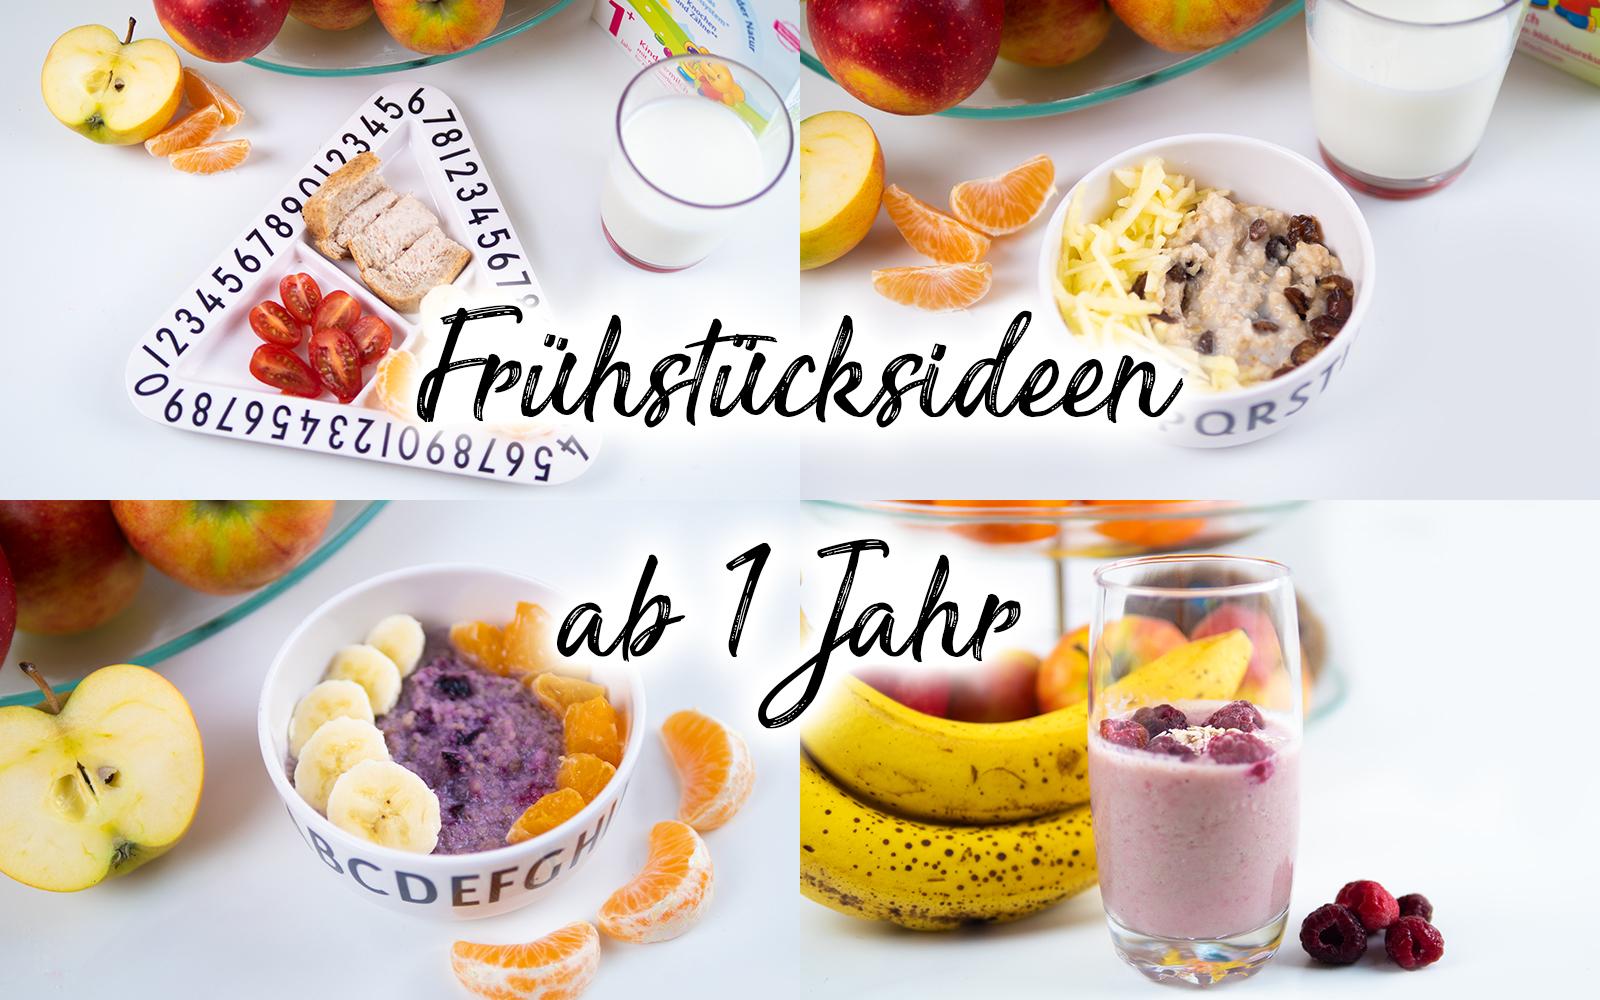 Frühstücksideen Für Kleinkinder Gesundes Frühstück Ab 1 Jahr